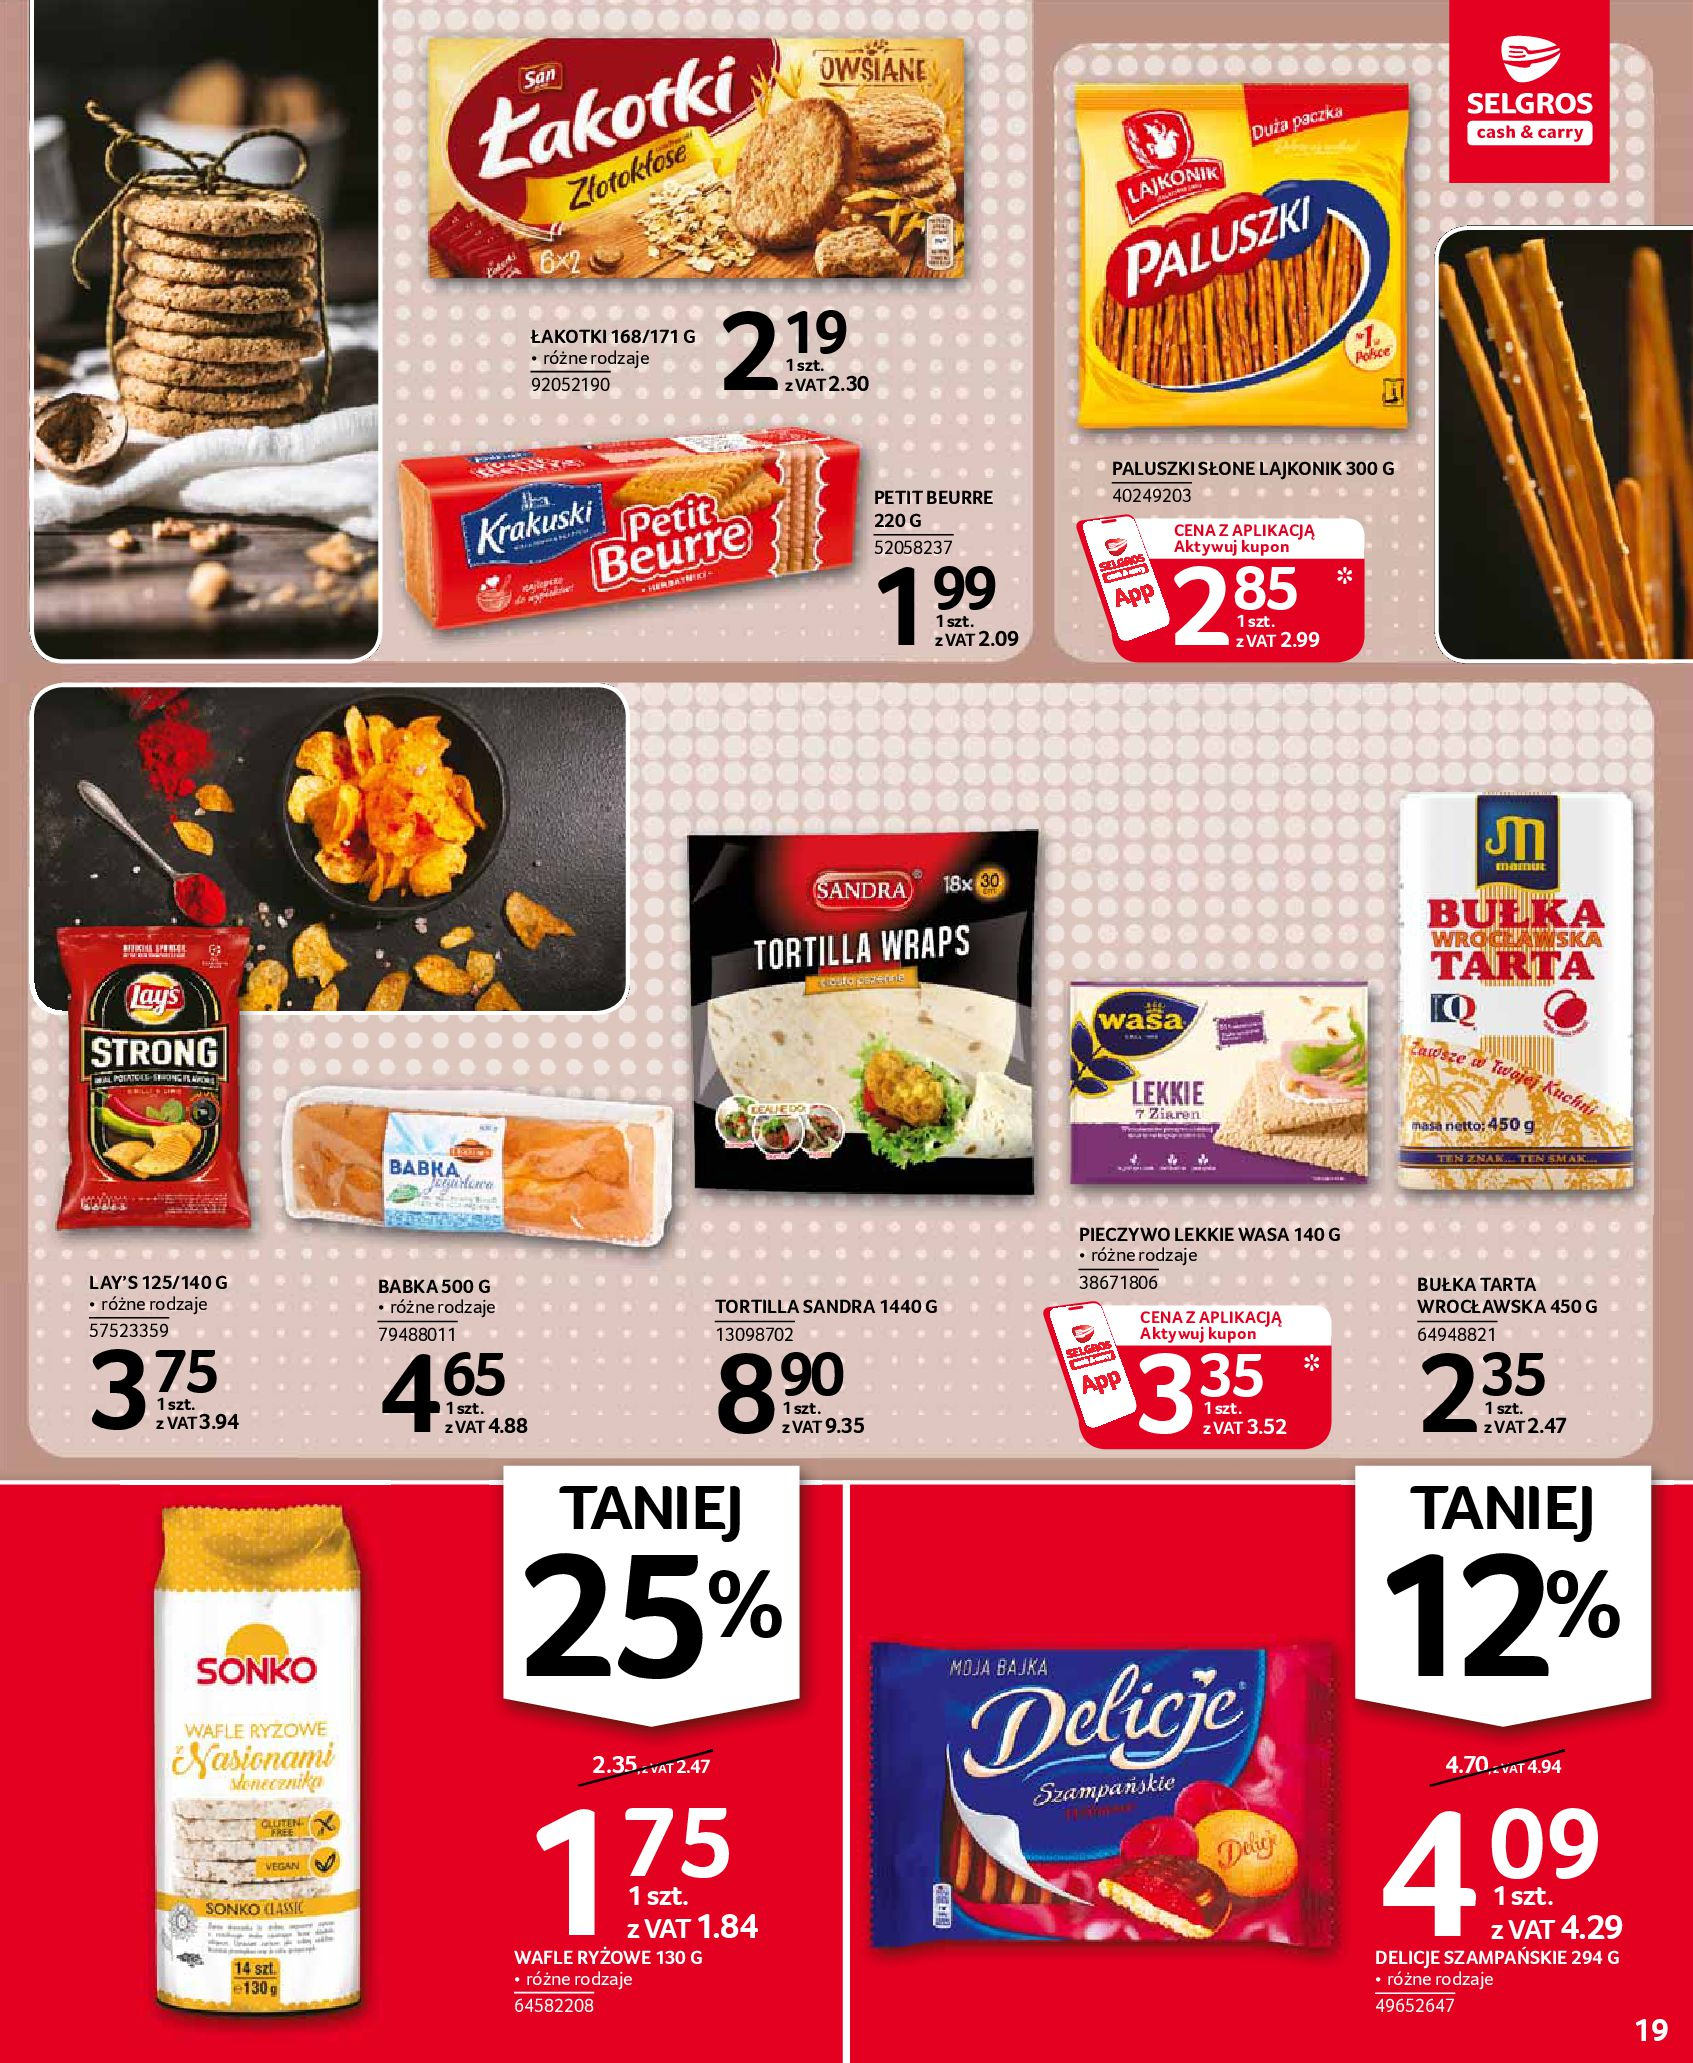 Gazetka Selgros: Oferta spożywcza 2021-01-07 page-19